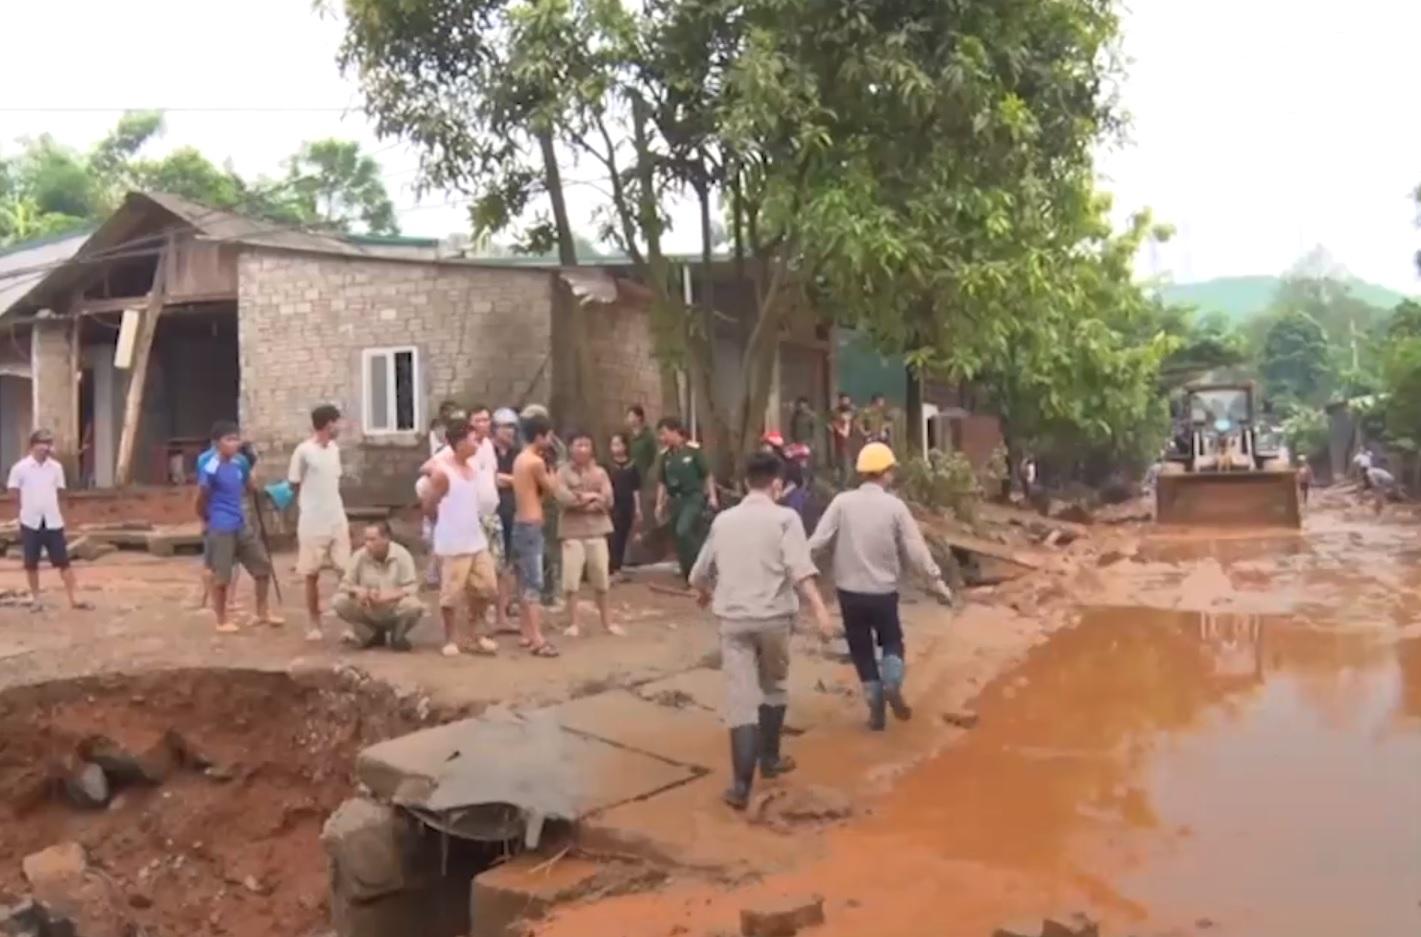 Hồ chứa vỡ đập, chất thải phân bón chảy tràn vào nhà, xa lộ và suối ở Lào Cai